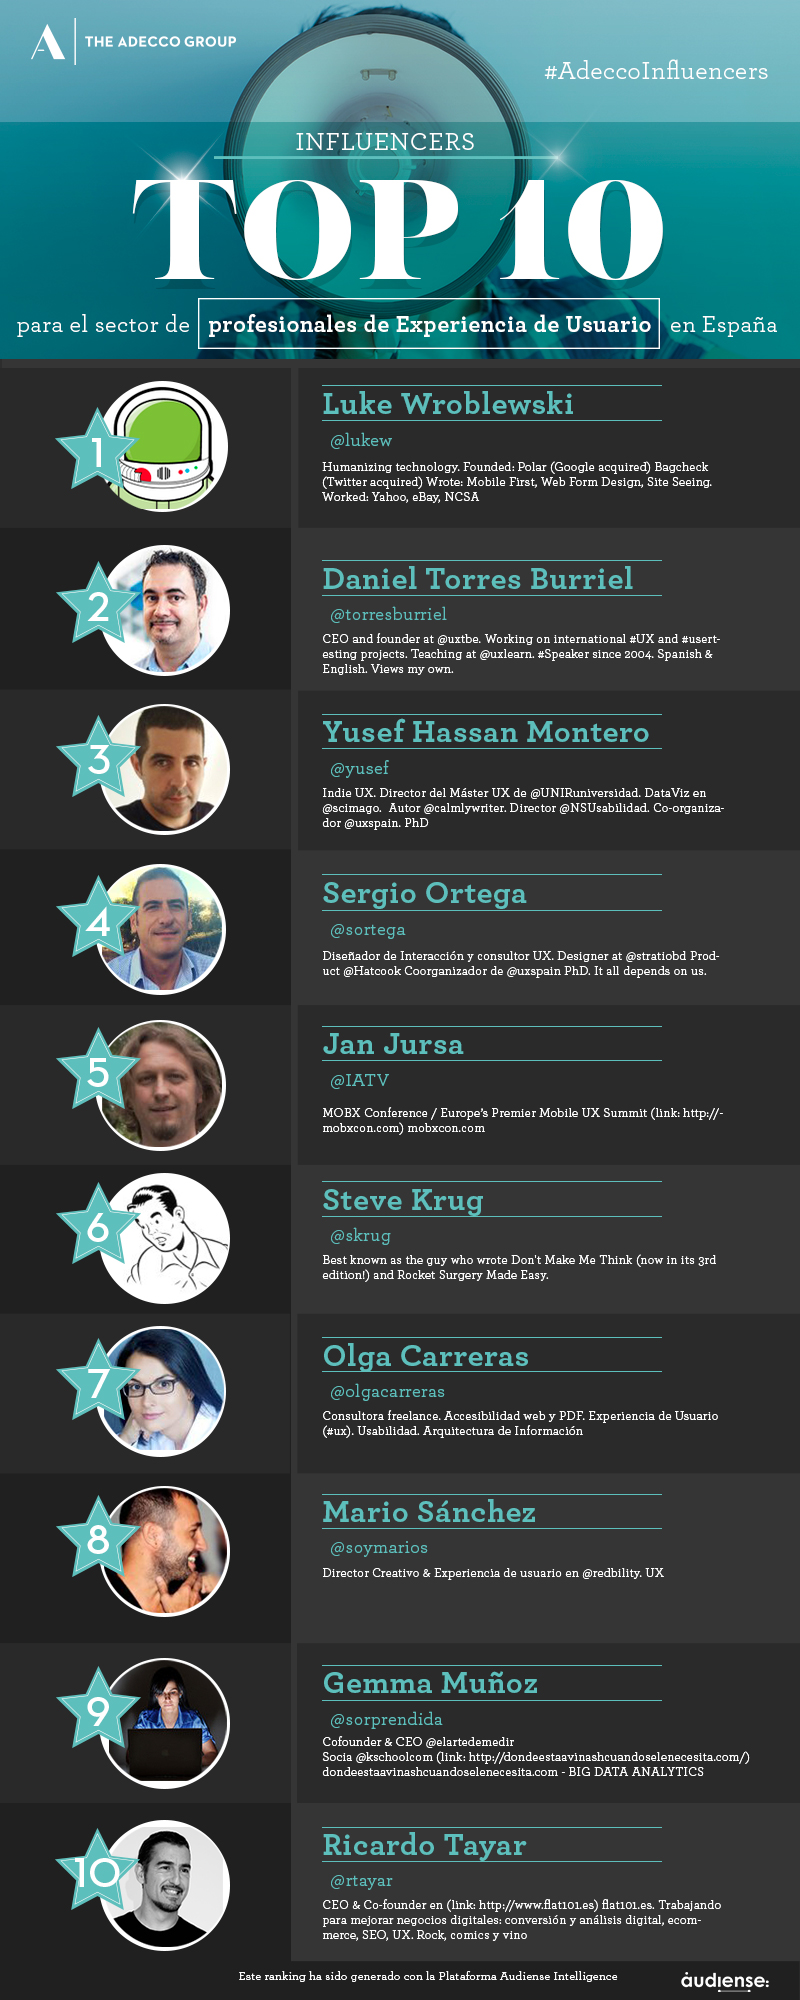 Top 10 influencers del sector Experiencia de Usuario en España